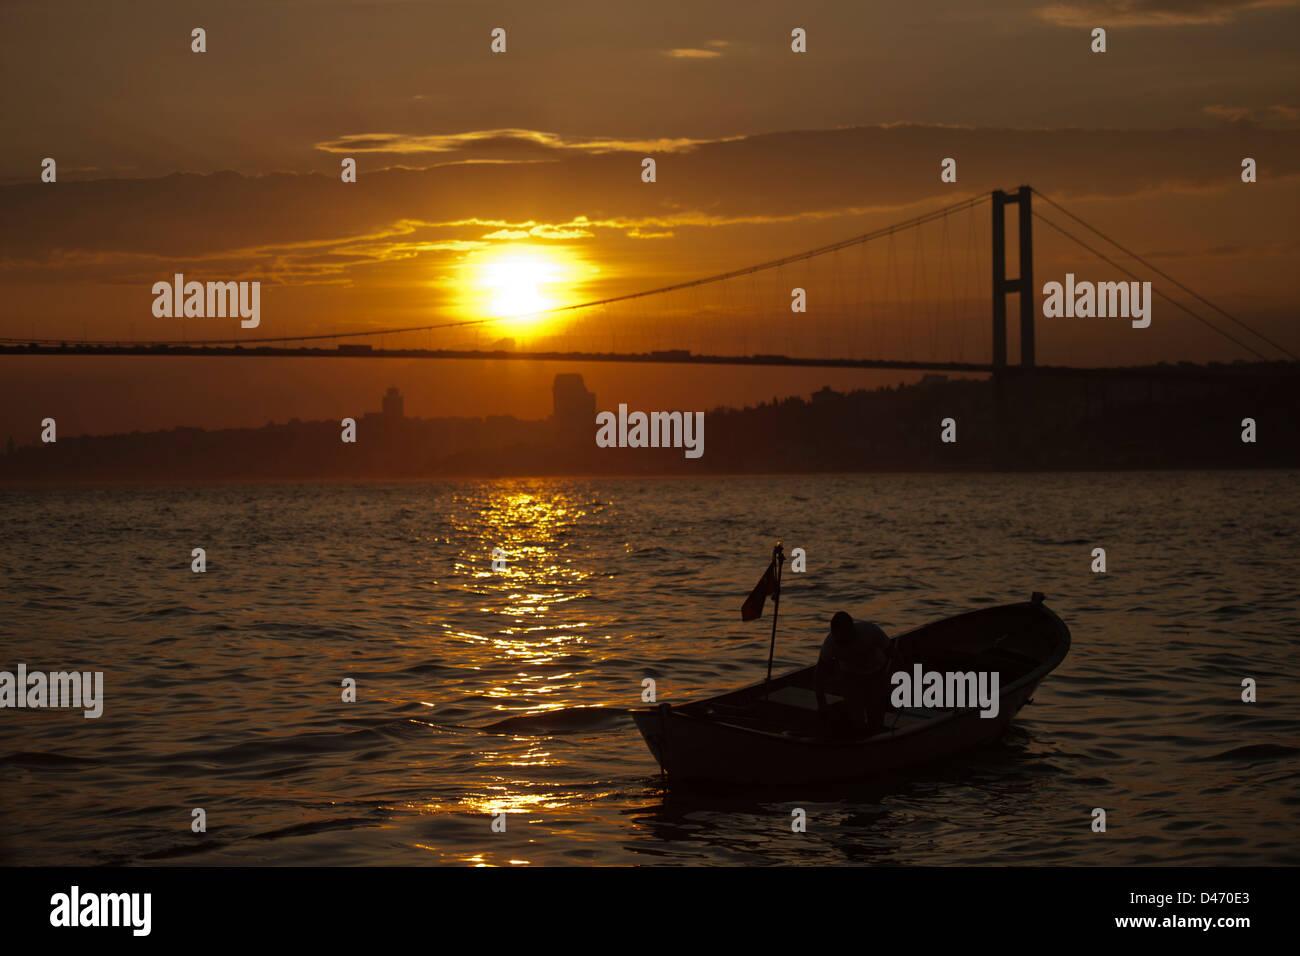 Türkei, Istanbul, Cengelköy, Treffpunkt zu Sonnenuntergang - Stock Image